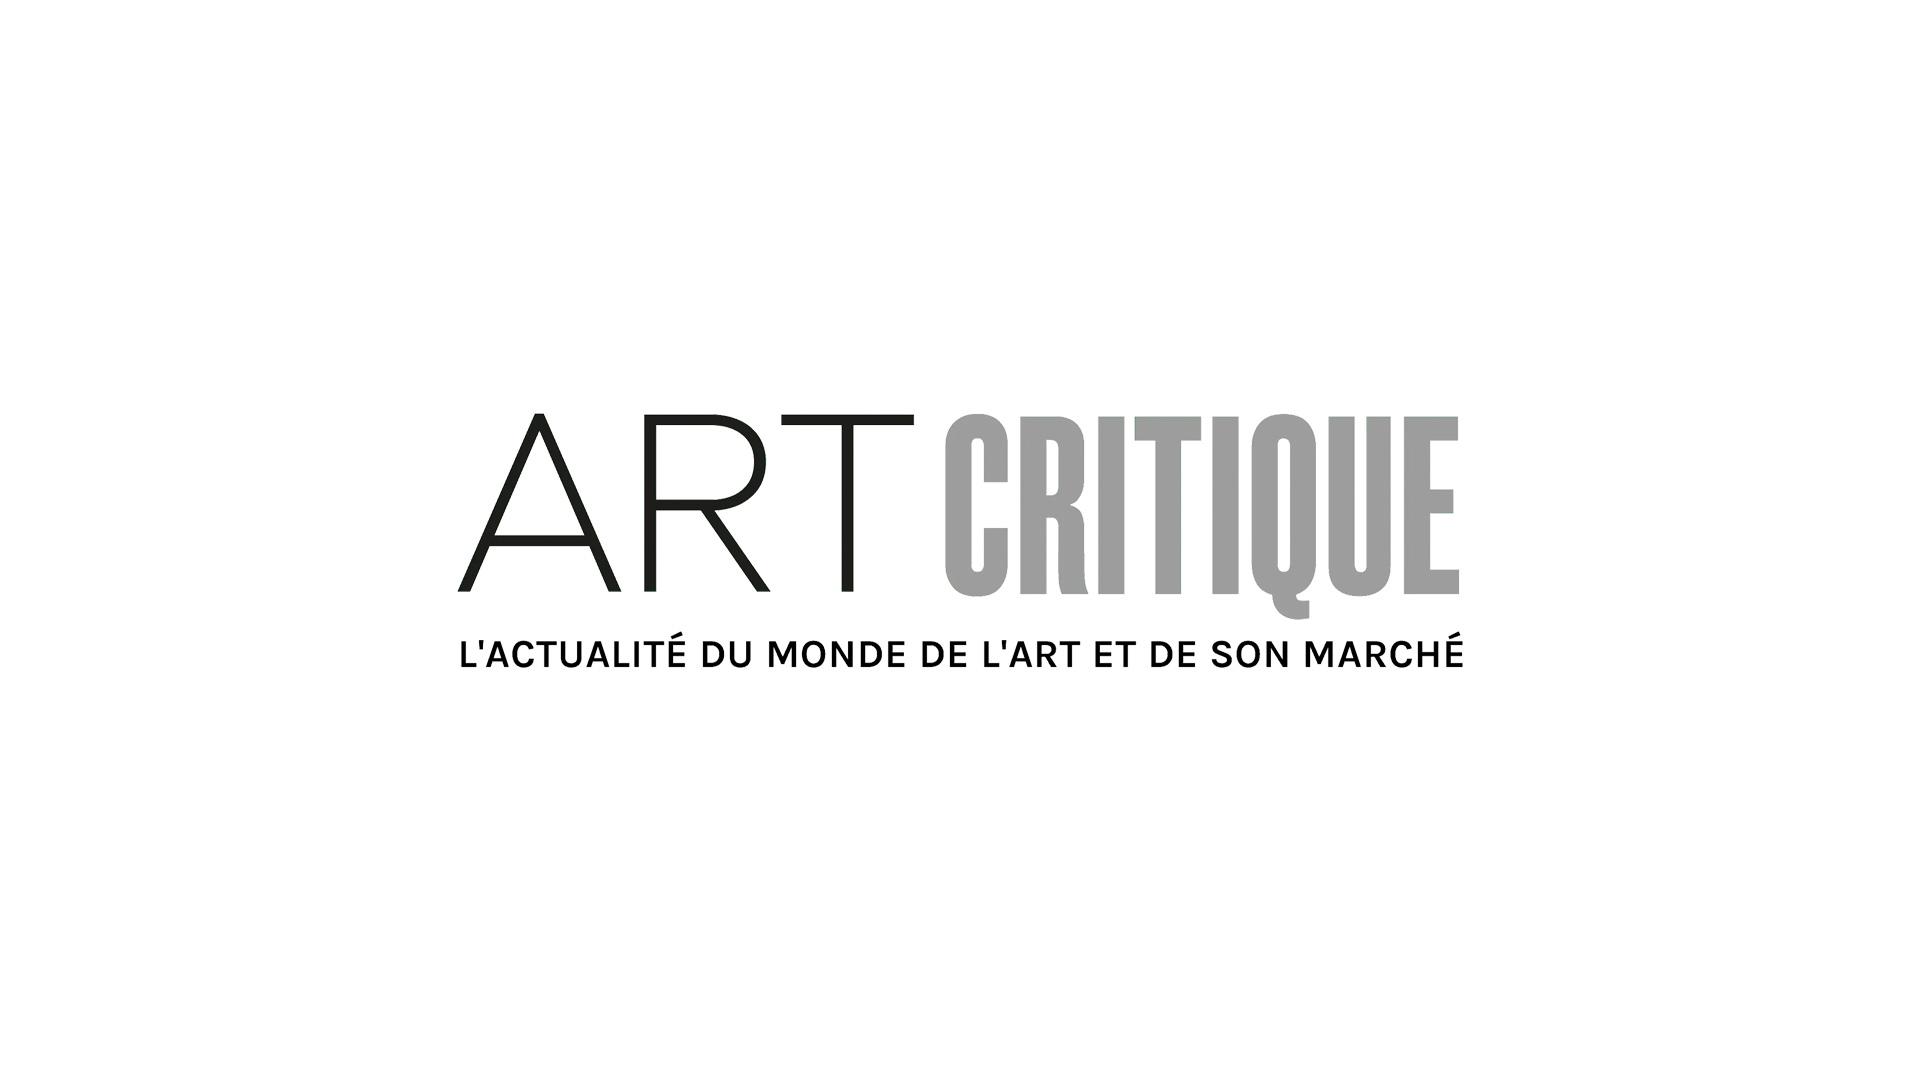 Du Japon à Aix-en-Provence : d'extraordinaires estampes à l'Hôtel de Caumont